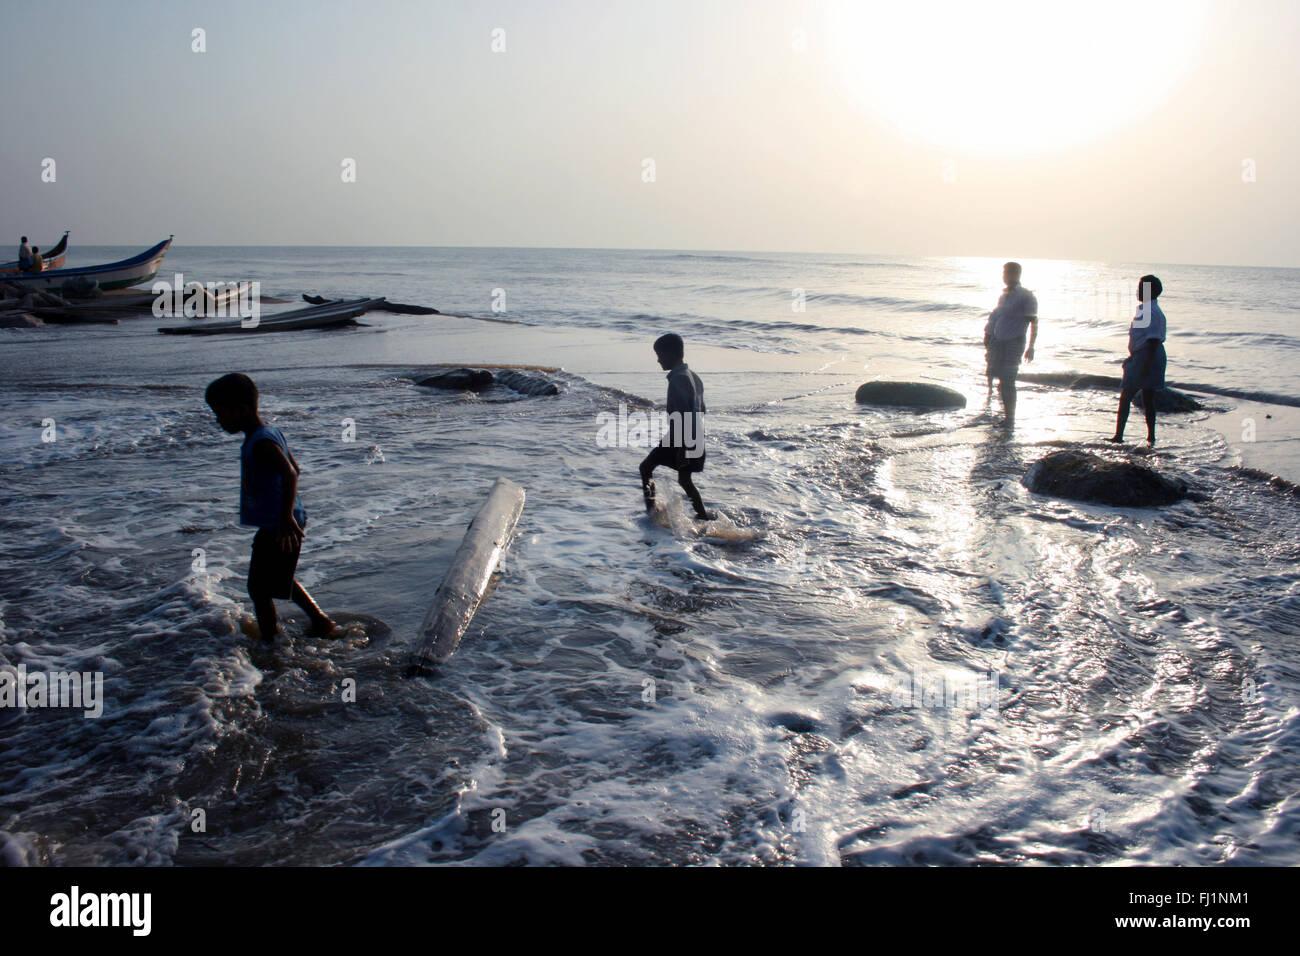 People walk by sunset on the beach in Puri, Orissa, India Stock Photo